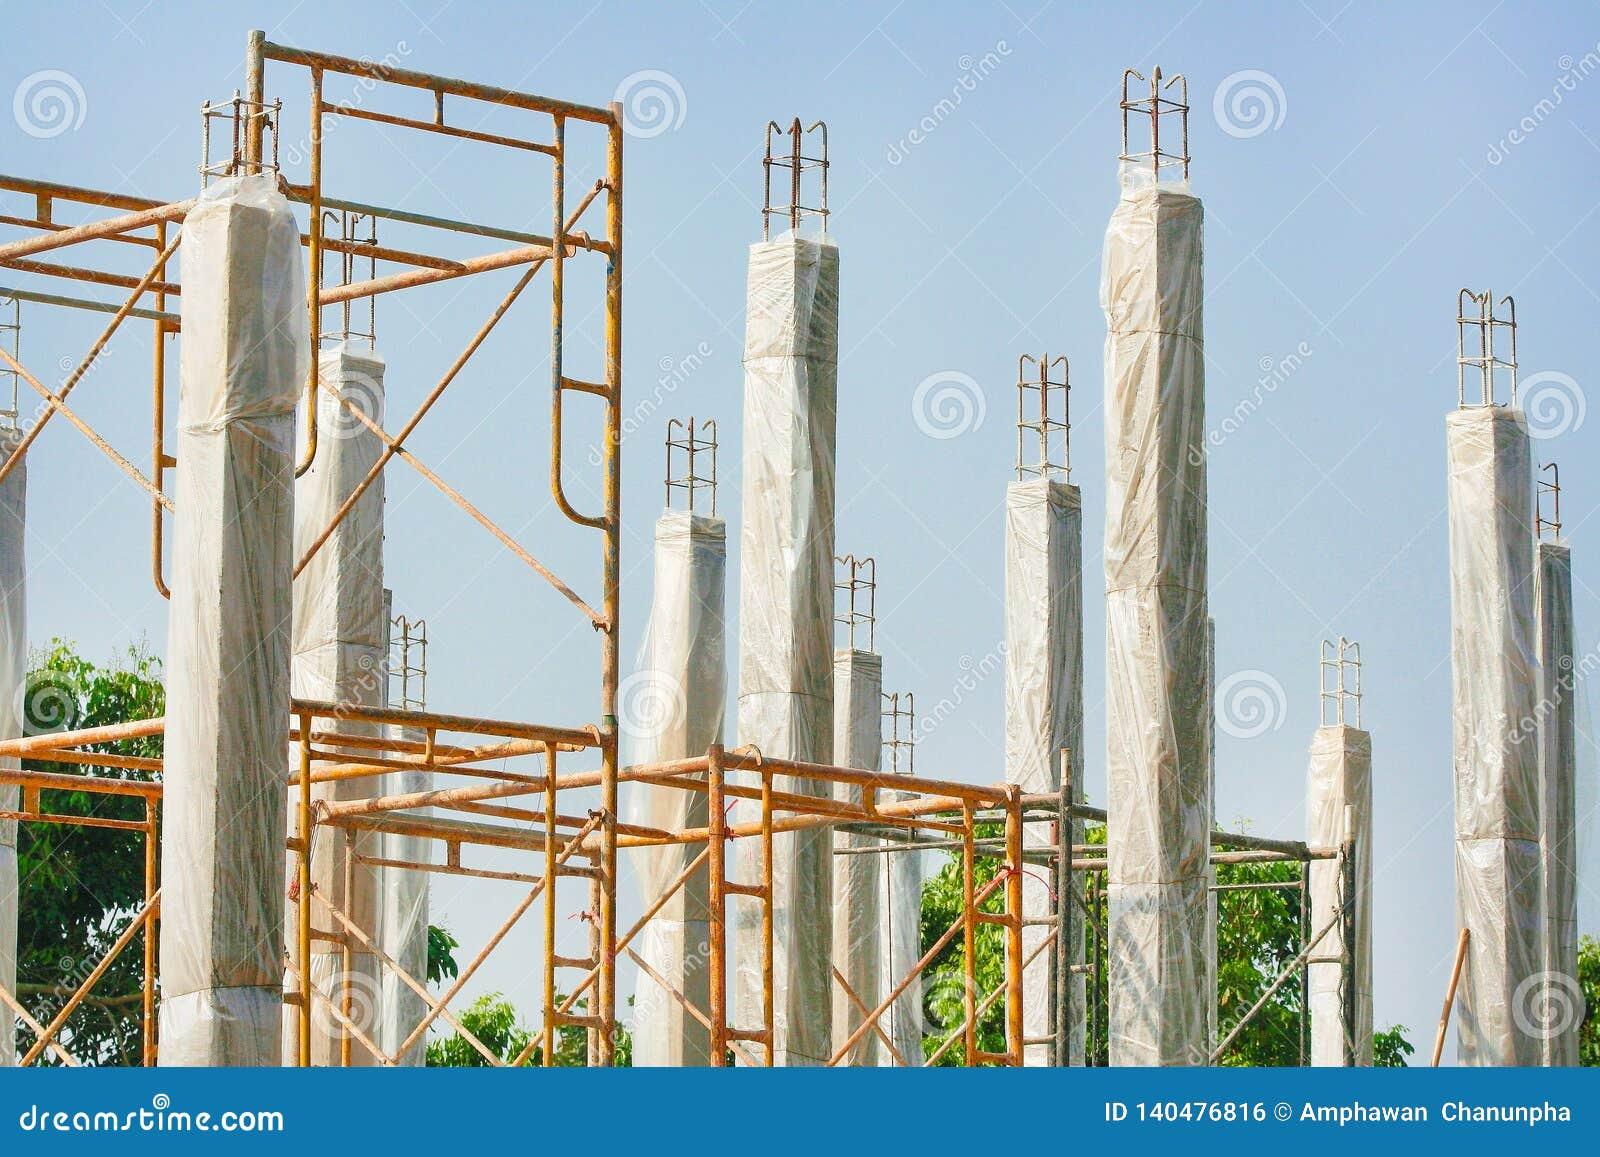 Gewapend beton stapels van de nieuwe woningbouw met duidelijke plastic omslag voor het houden van de temperatuur om de pool sterk